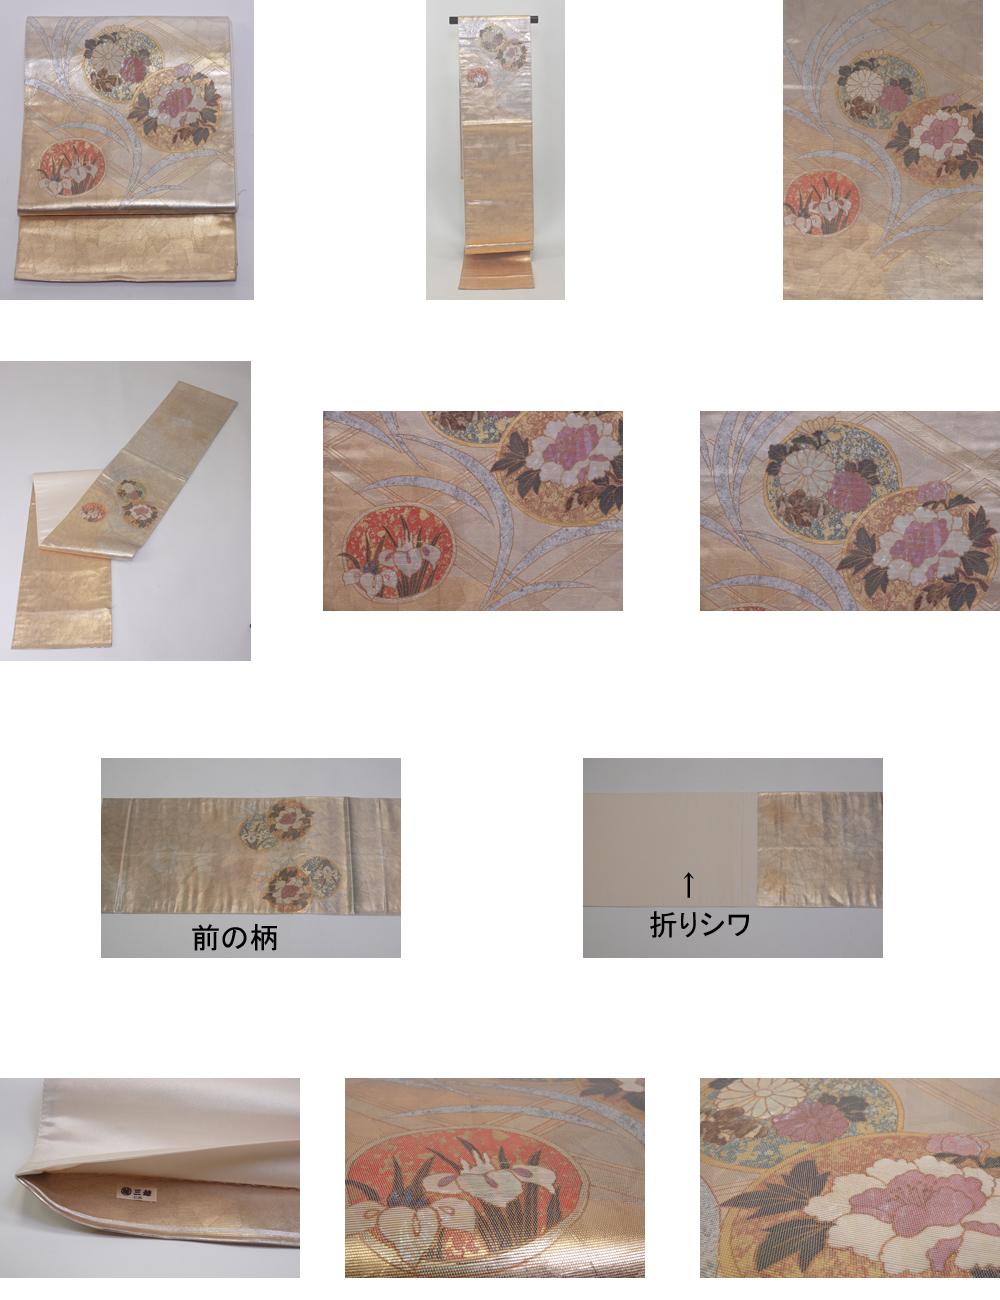 袋帯 螺鈿